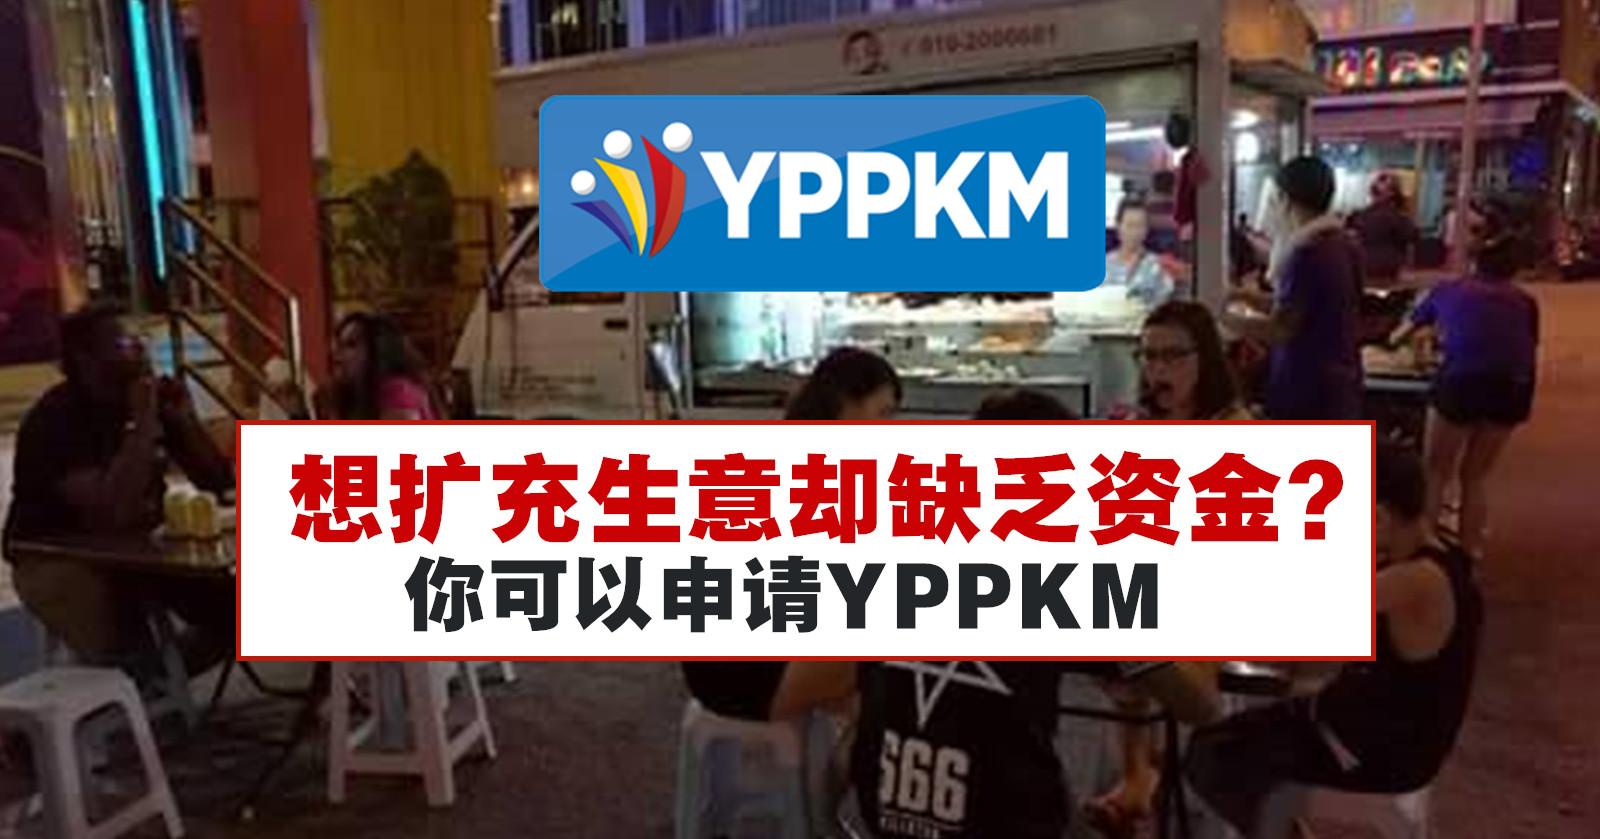 想扩充生意却缺乏资金?你可以申请YPPKM